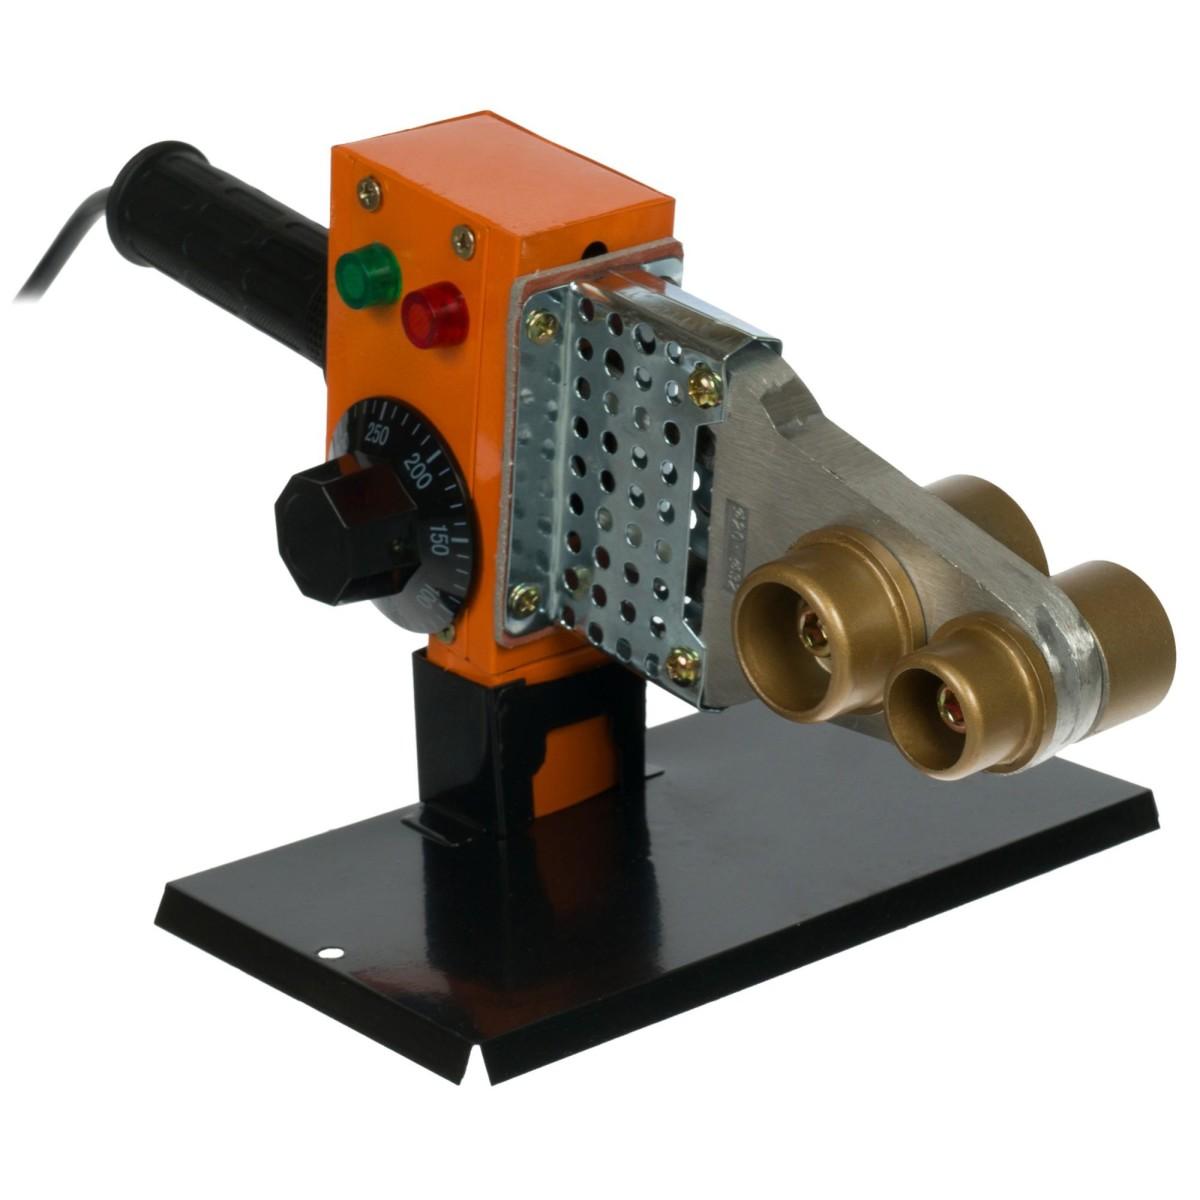 Сварочные аппараты для пластиковых труб FoxPlastic FoxPlastic 900 6115